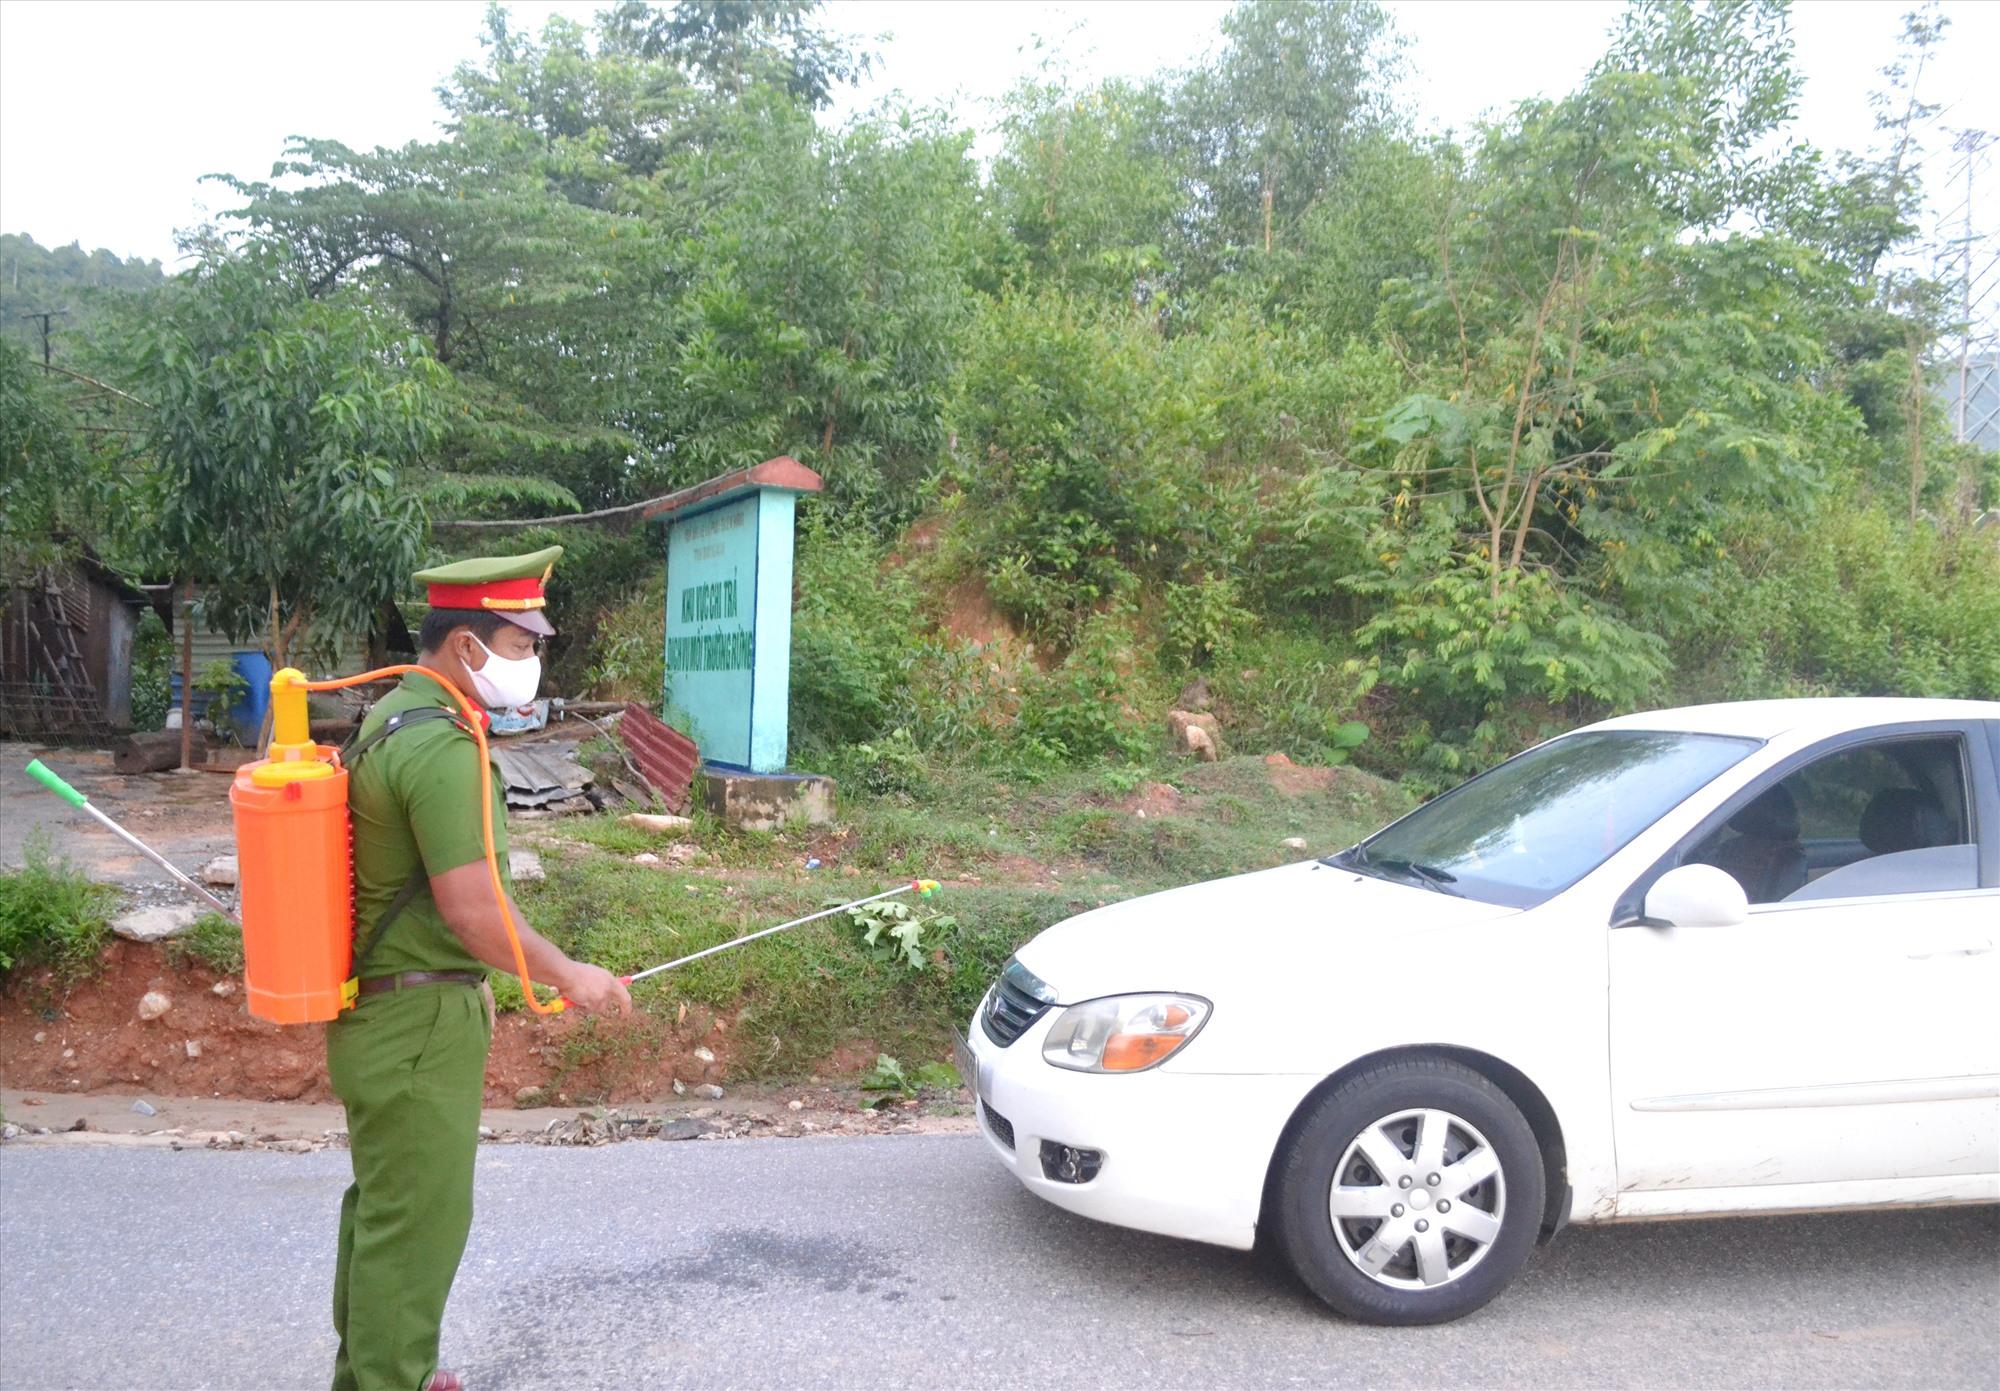 Cán bộ Công an Đông Giang phun khử trùng phương tiện qua chốt chặn kiểm soát dịch Covid-19 trên đường Hồ Chí Minh. Ảnh: C.T